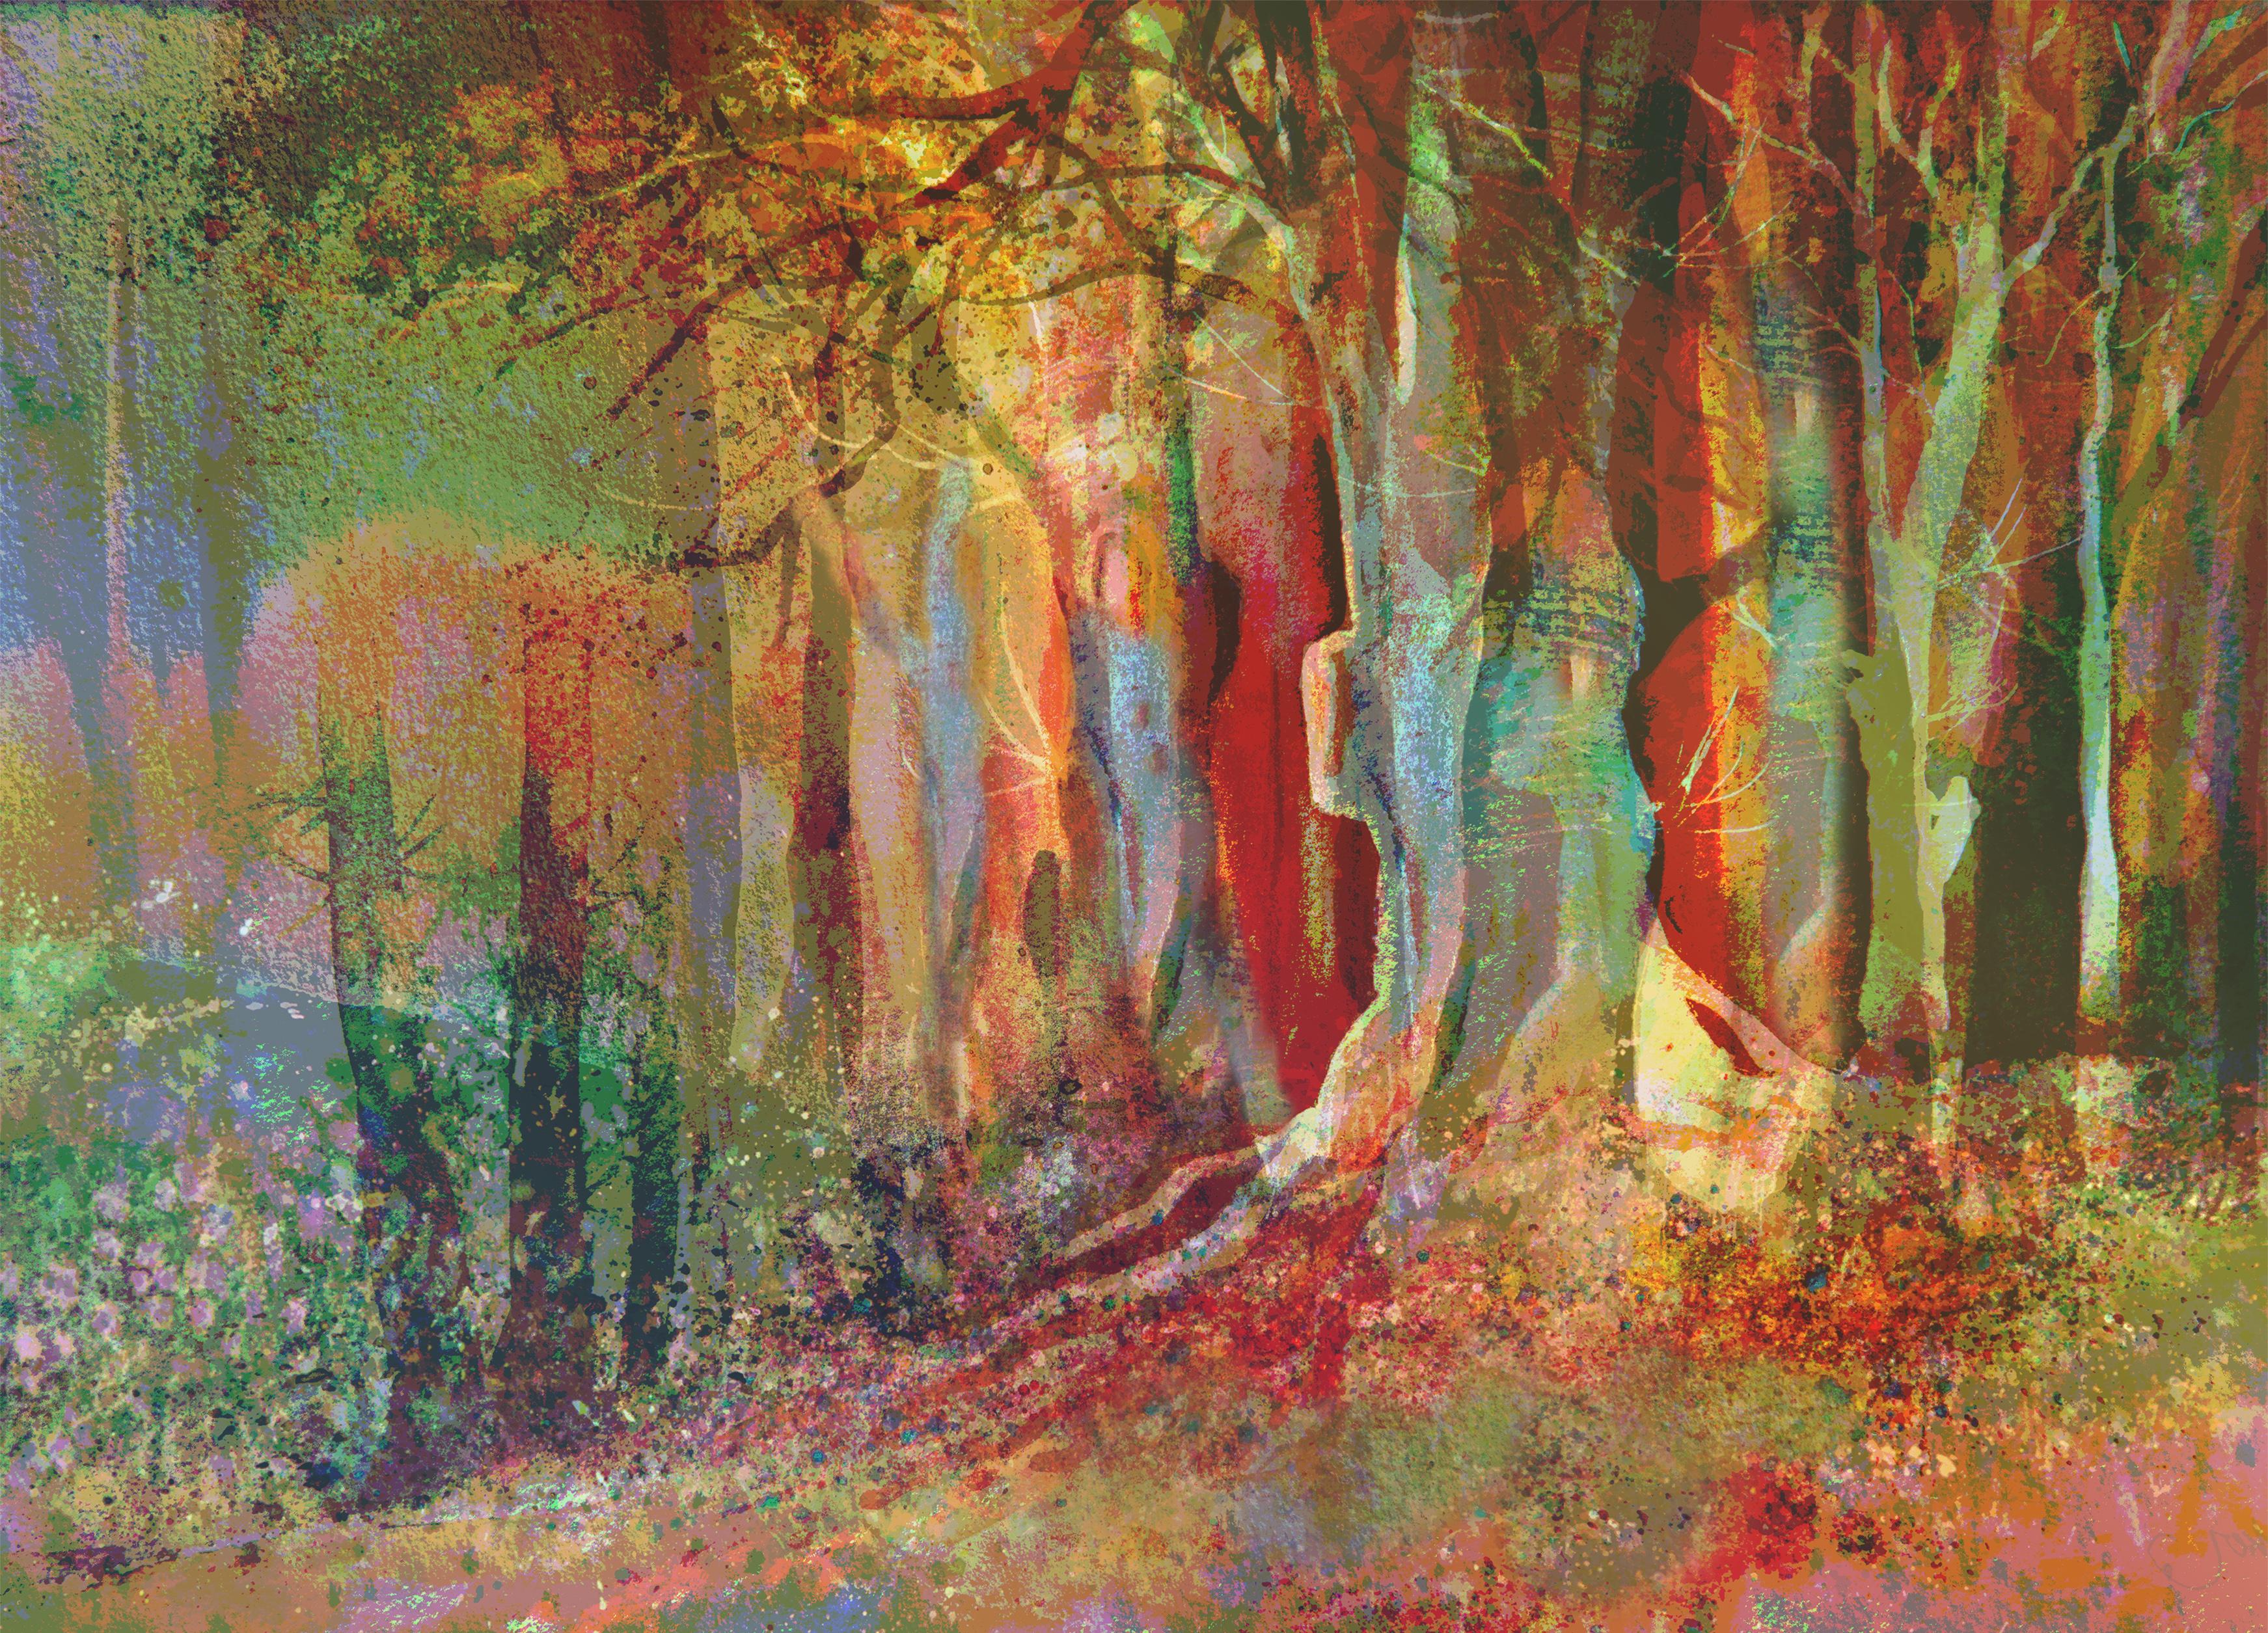 autumn woodland 4